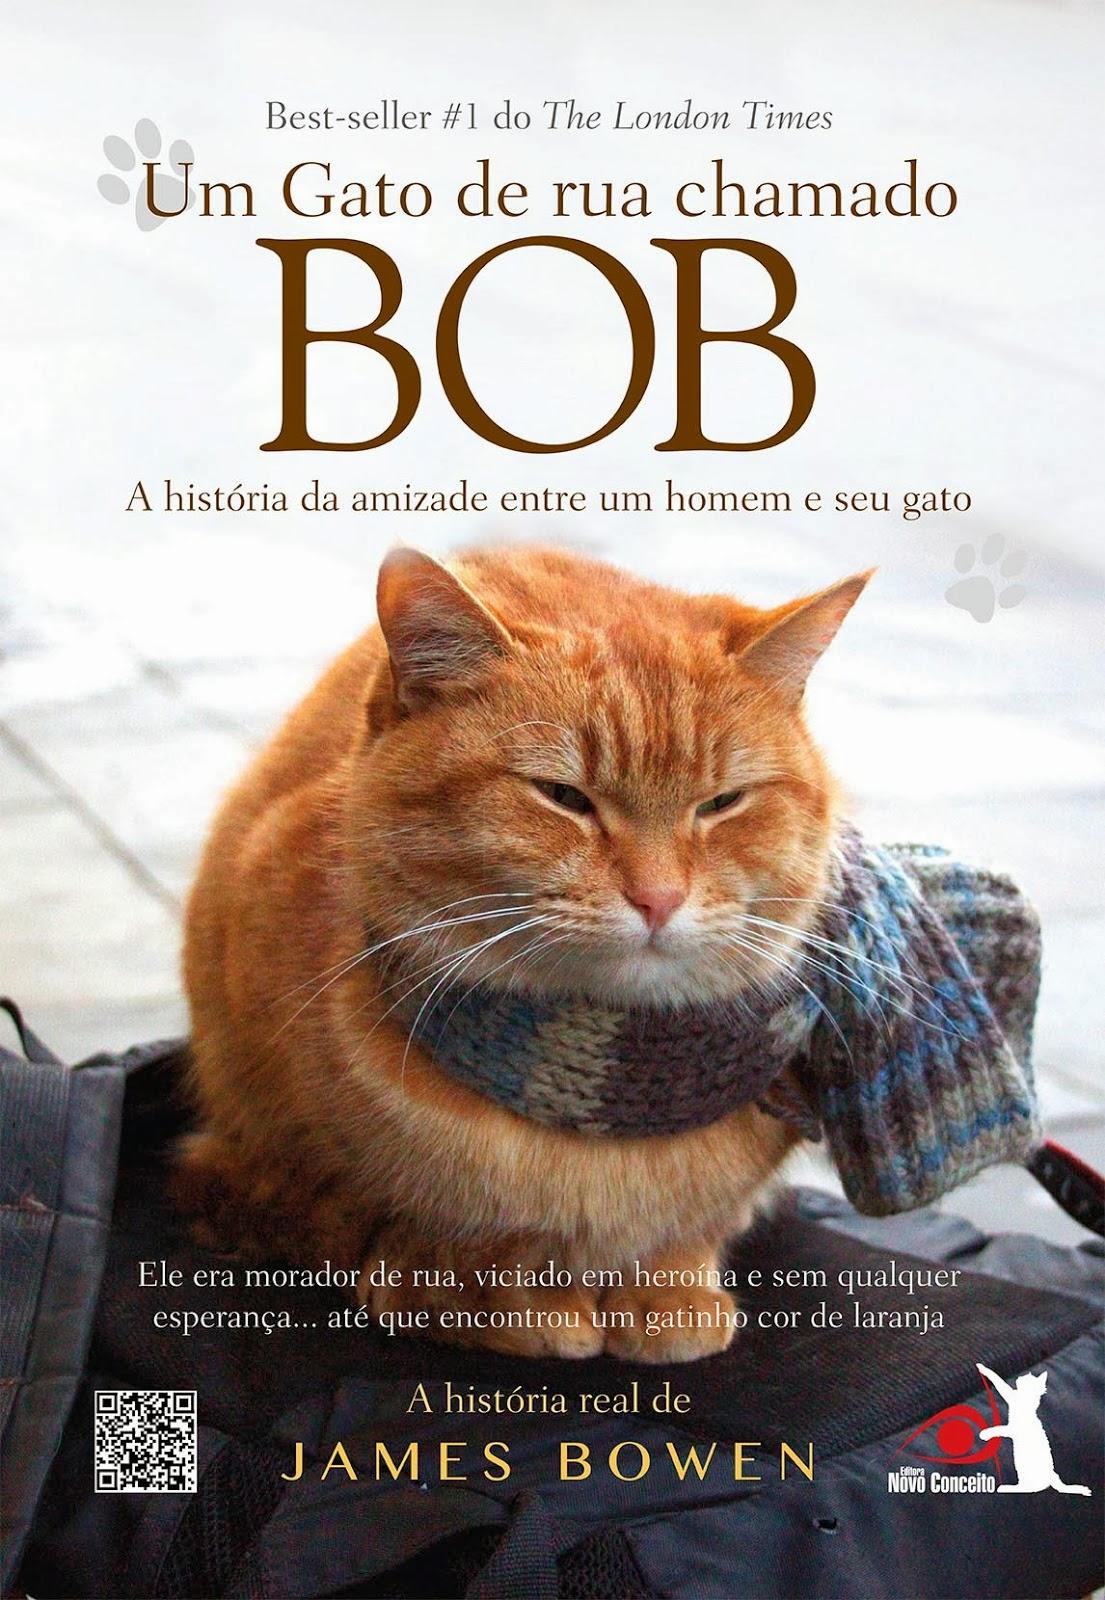 Imagens Um Gato de Rua Chamado Bob Torrent Dublado 1080p 720p 5.1 Download